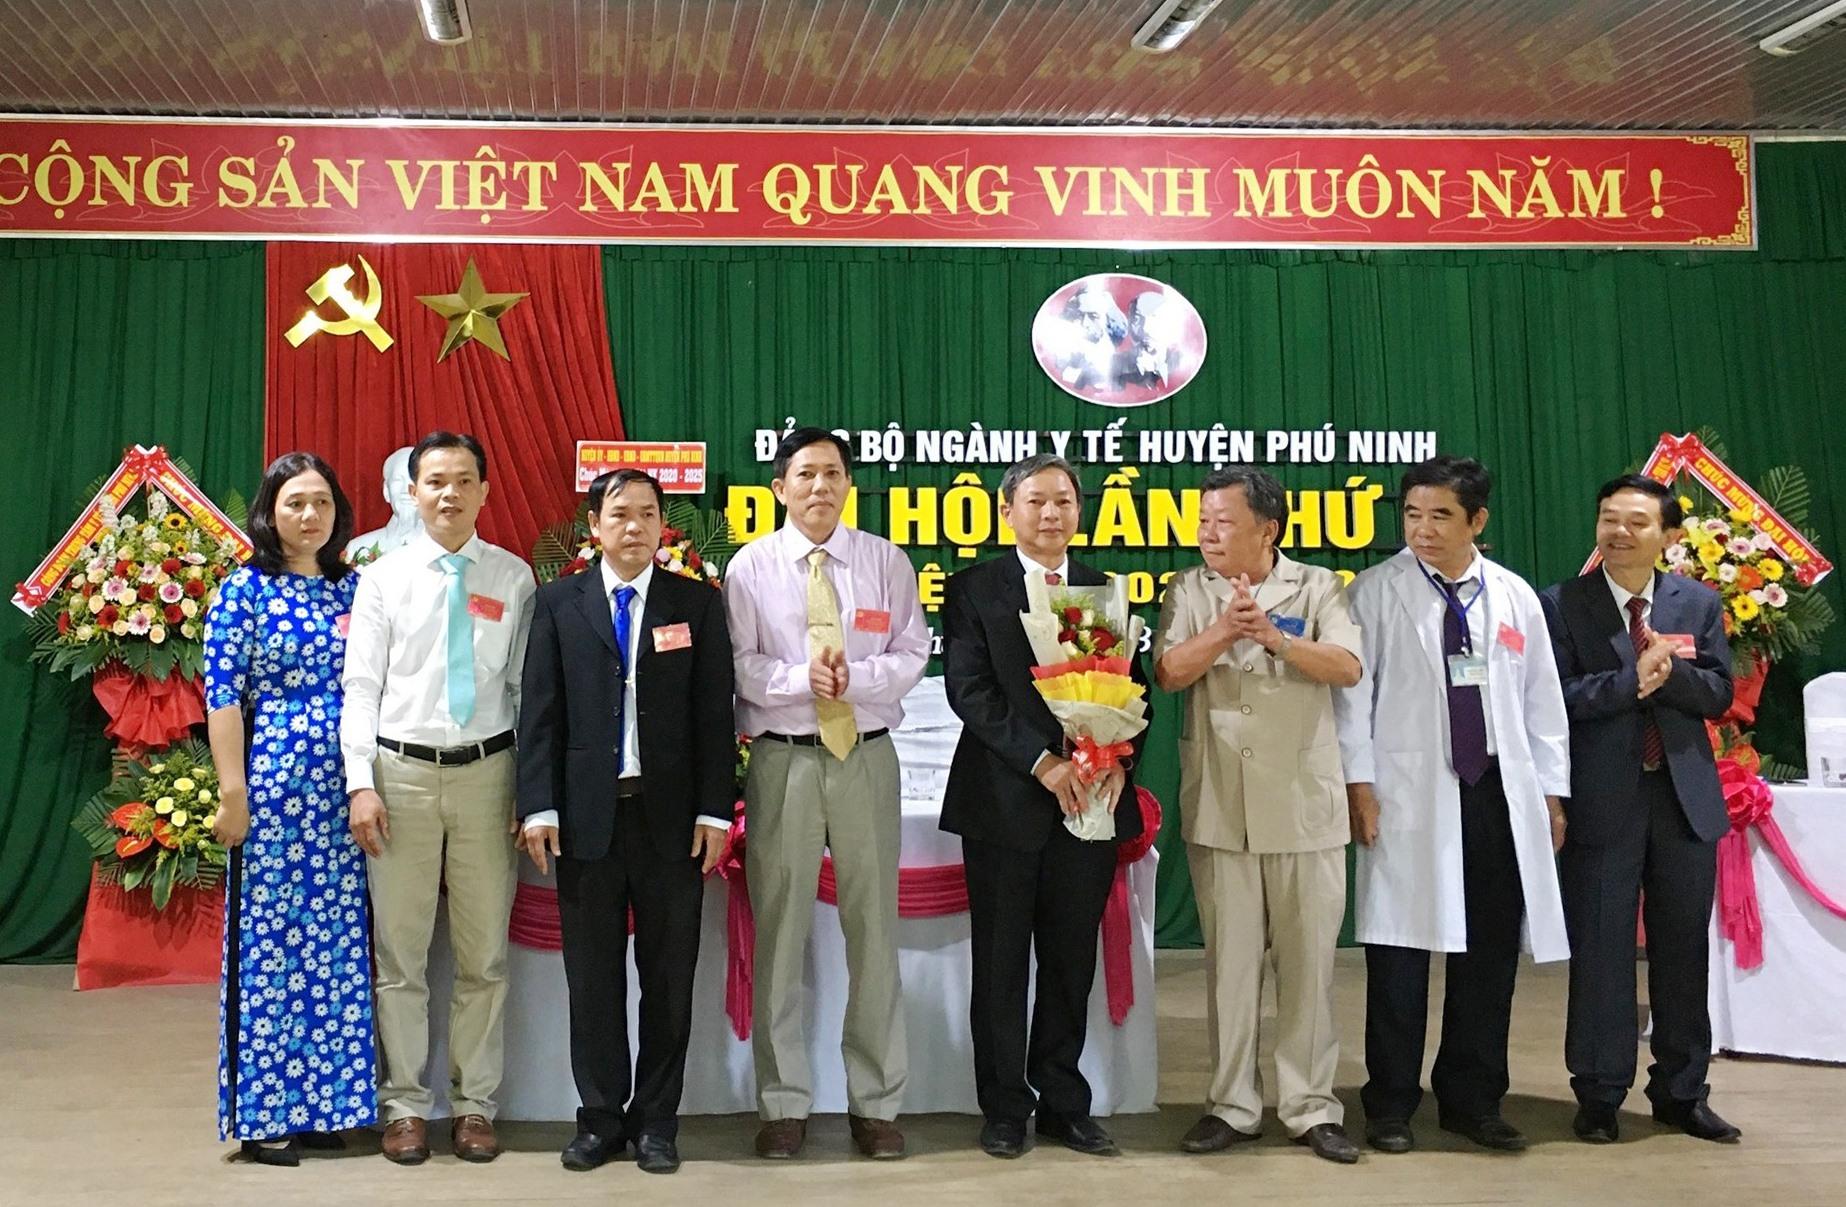 Ban Chấp hành Đảng bộ ngành Y tế huyện Phú Ninh khóa II (nhiệm kỳ 2020 - 2025) ra mắt đại hội. Ảnh: H.C